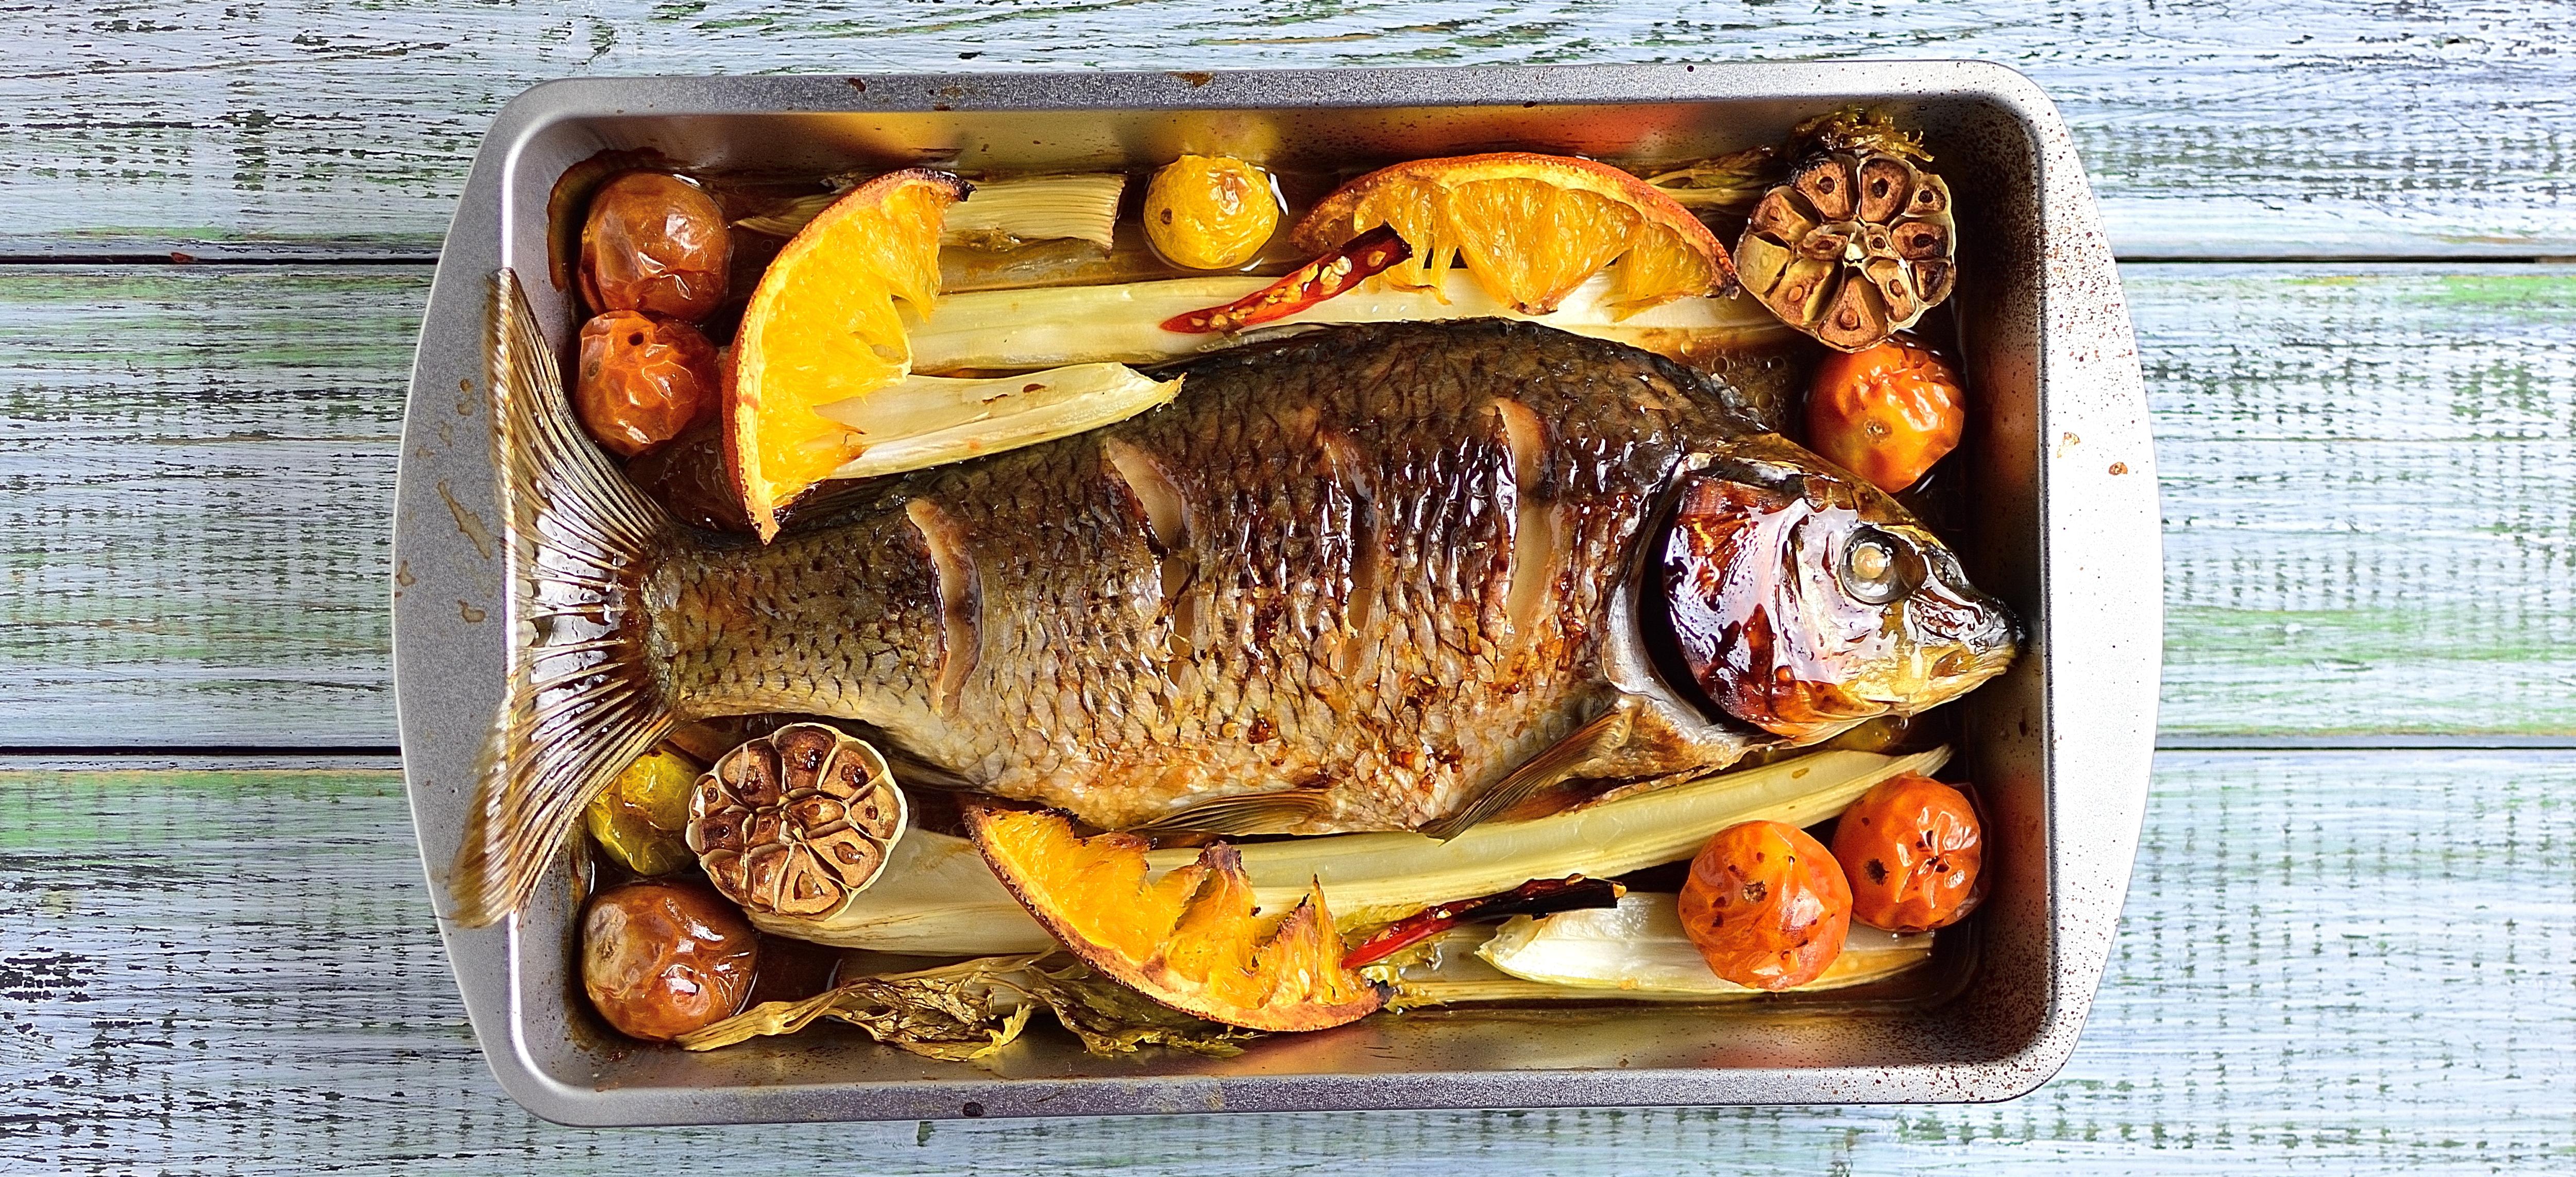 Danas biram slatkovodnu ribu